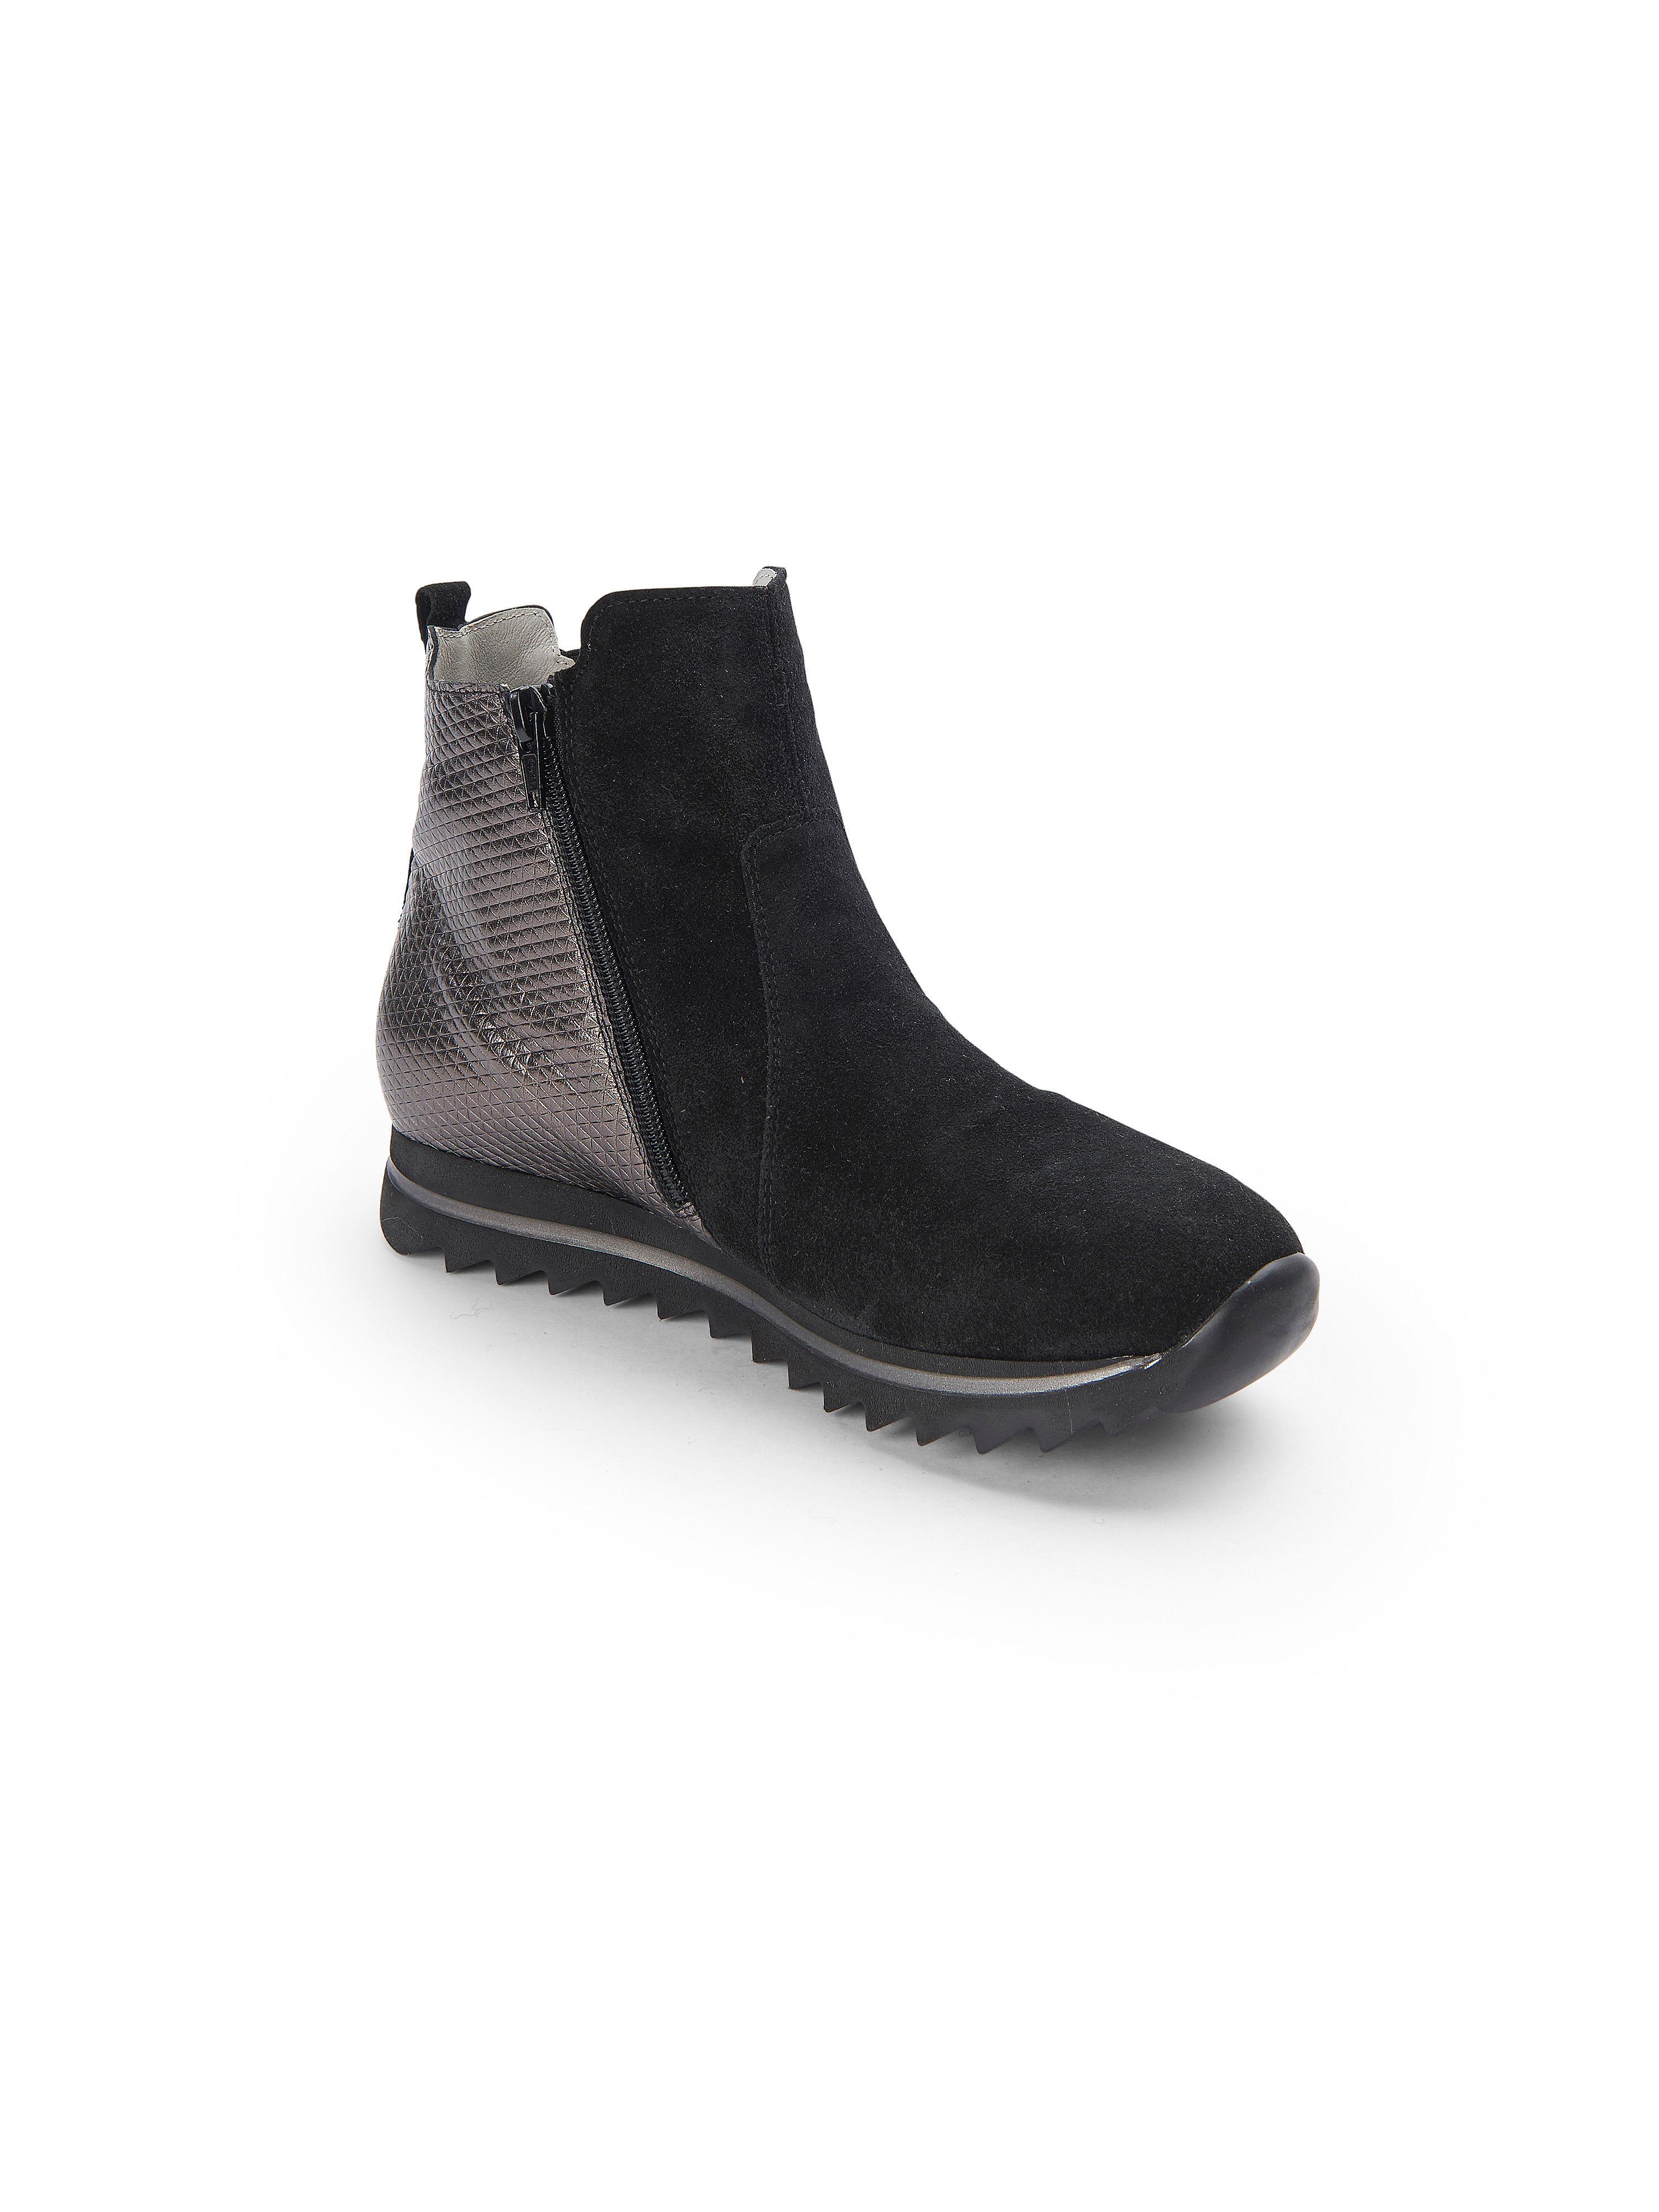 Waldläufer - Stiefelette HAIBA - Schuhe Schwarz/Anthrazit Gute Qualität beliebte Schuhe - 1441c2